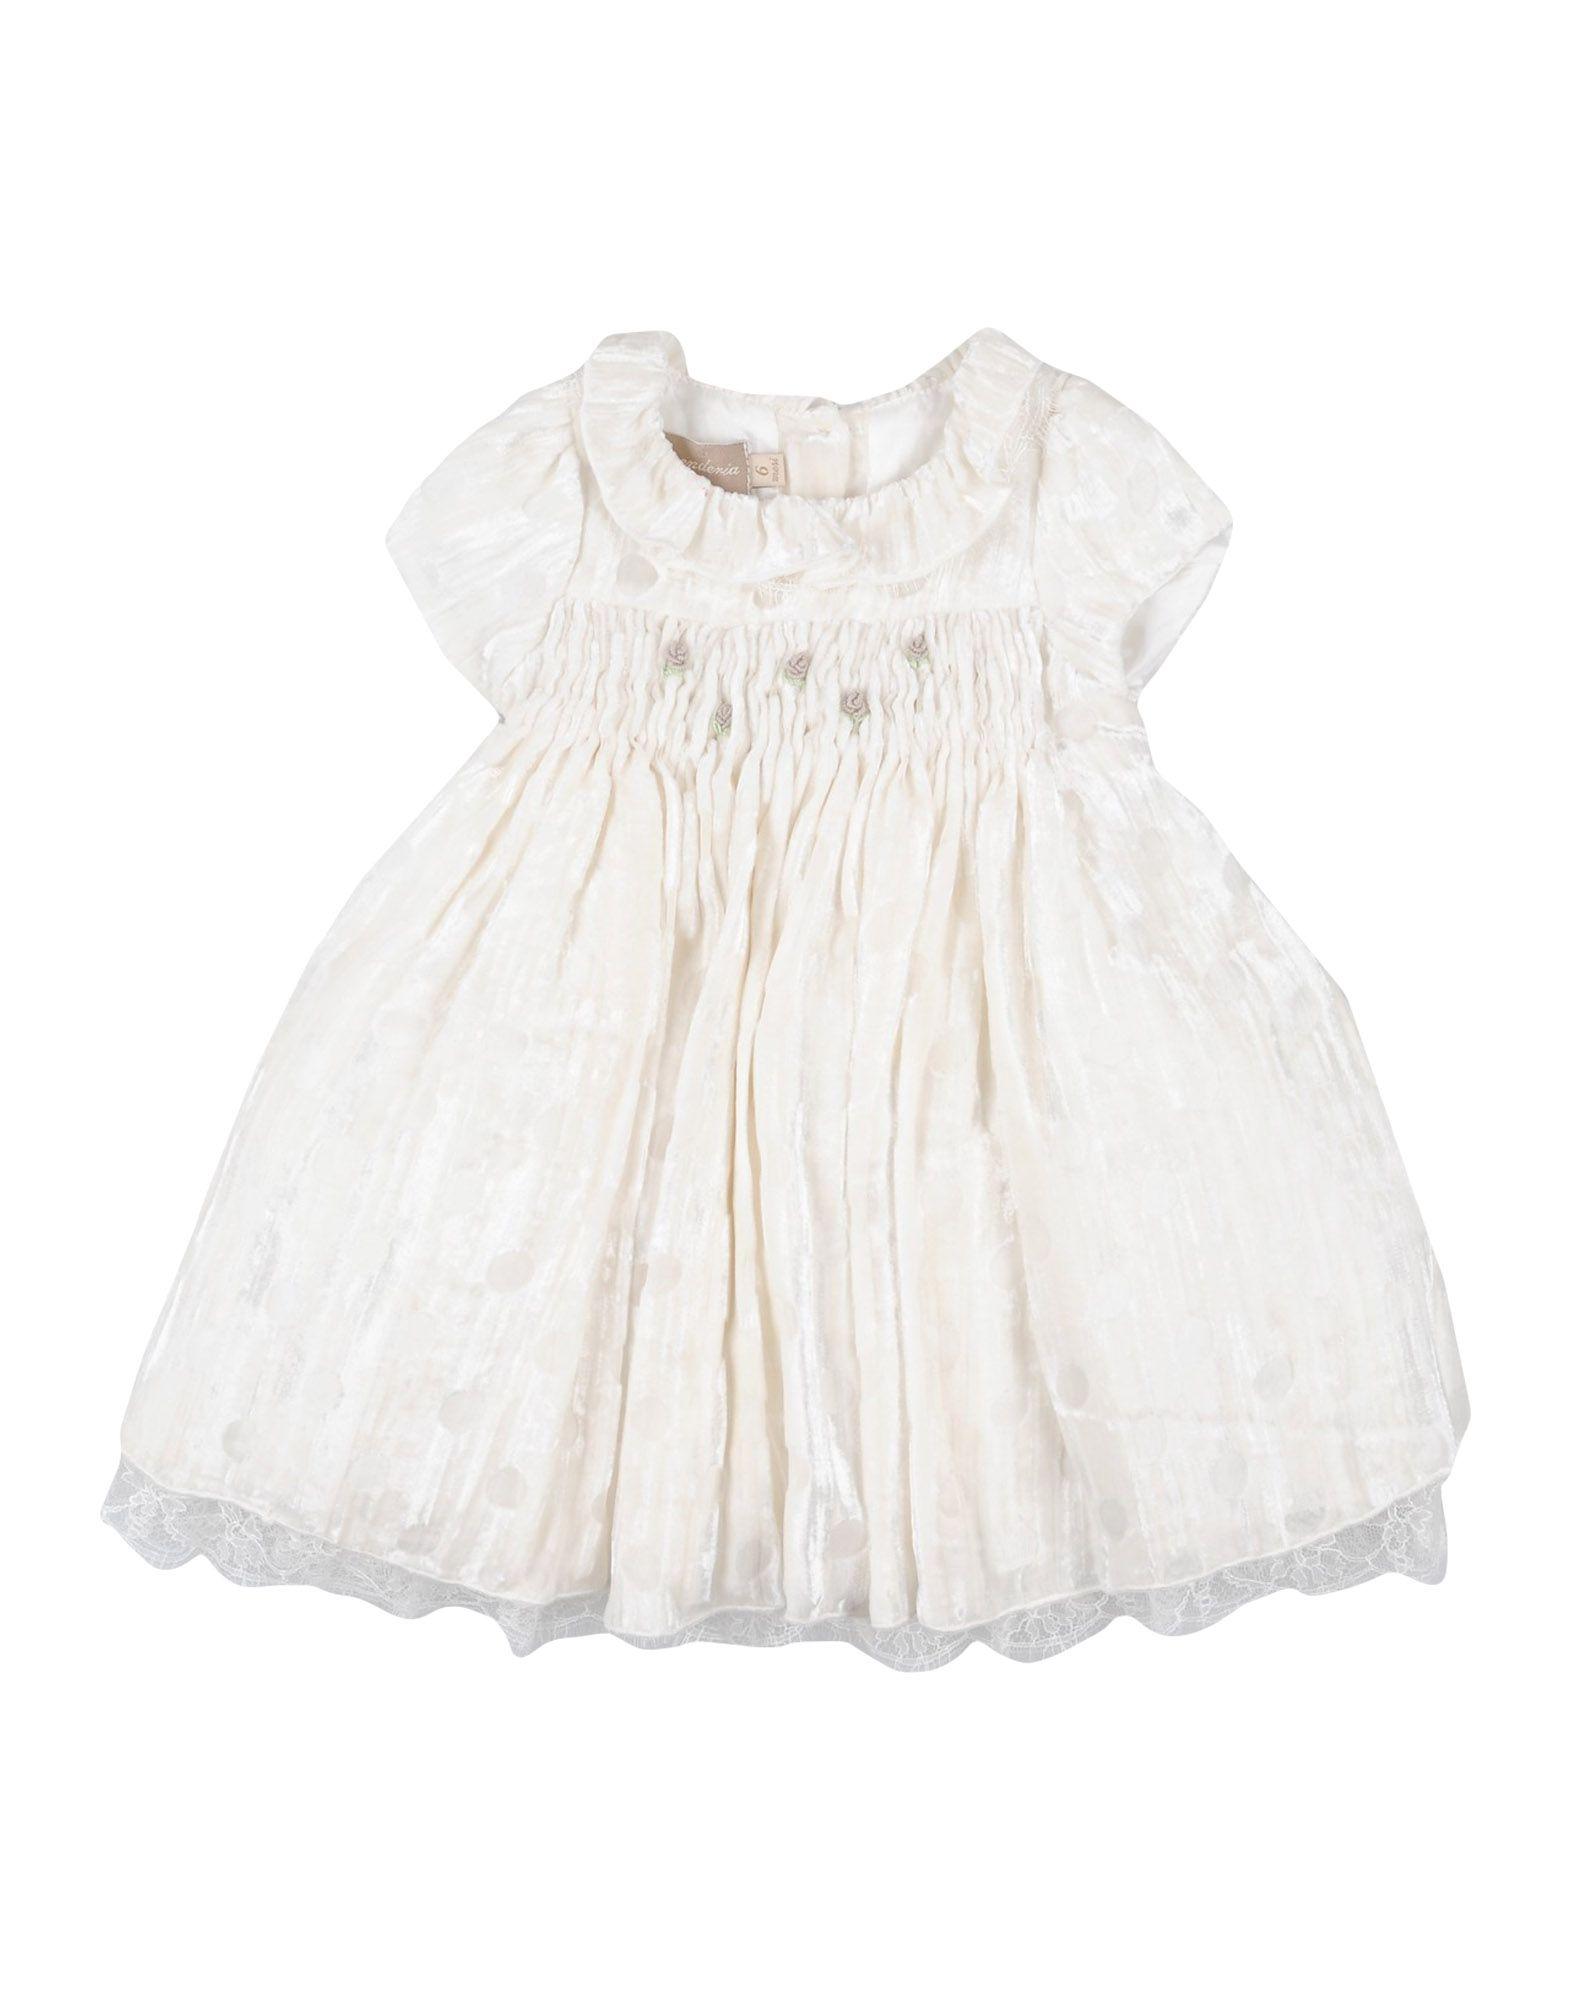 LA STUPENDERIA Dress in White